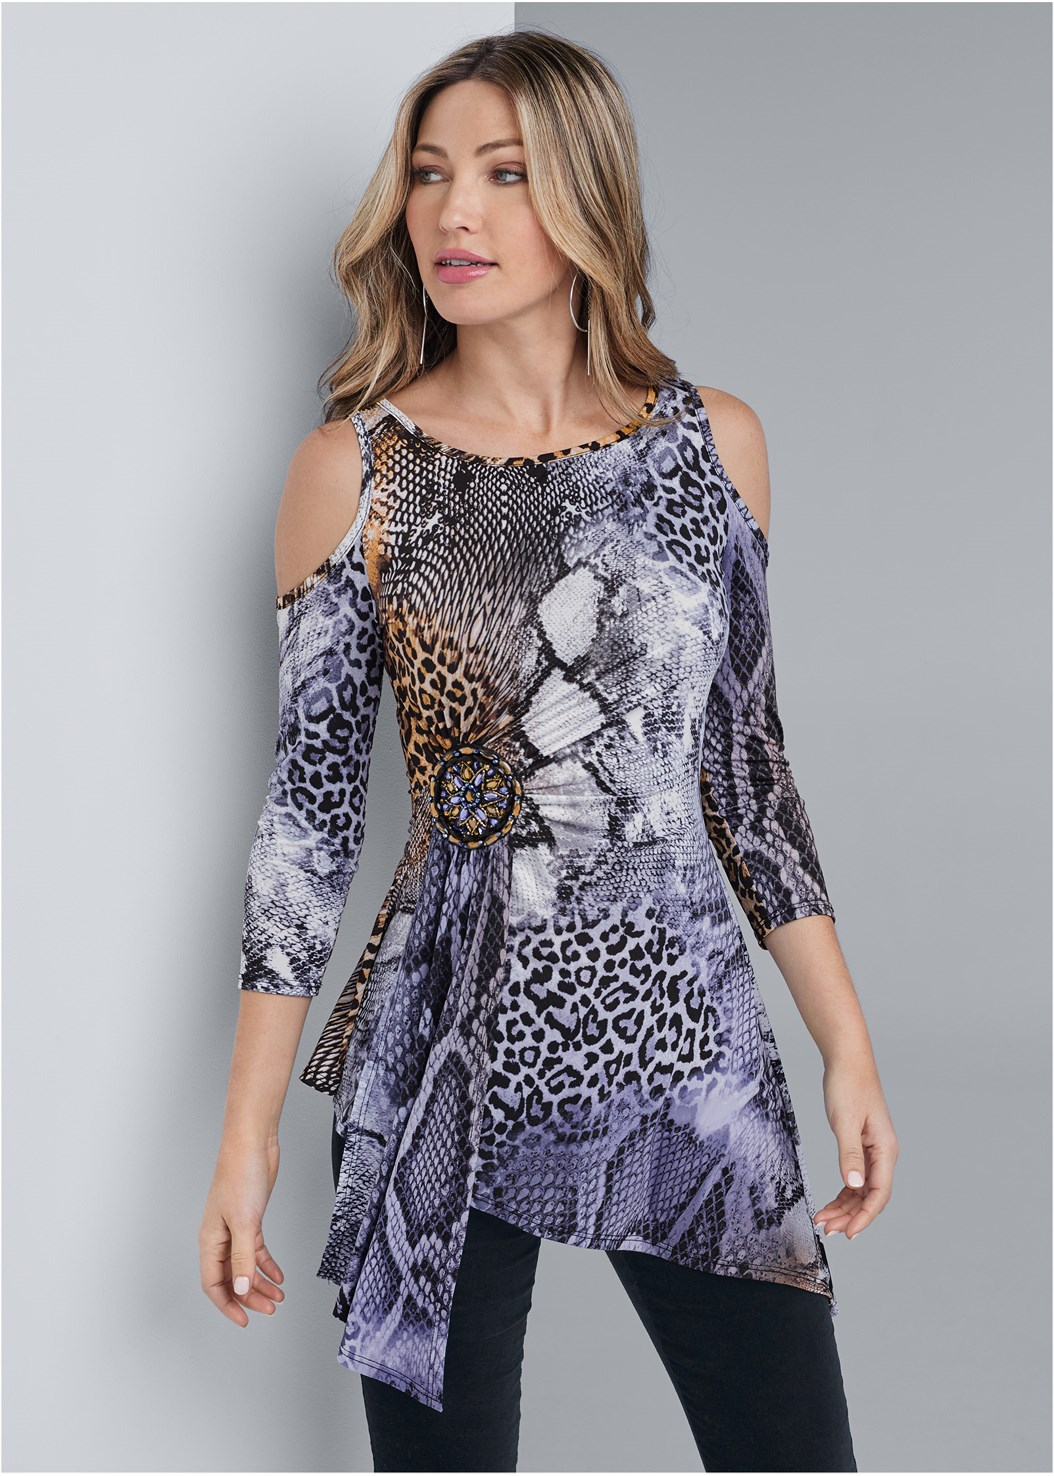 Animal Print Top,Velvet Pants,Seamless Unlined Bra,Embellished Net Heel,Hoop Detail Earrings